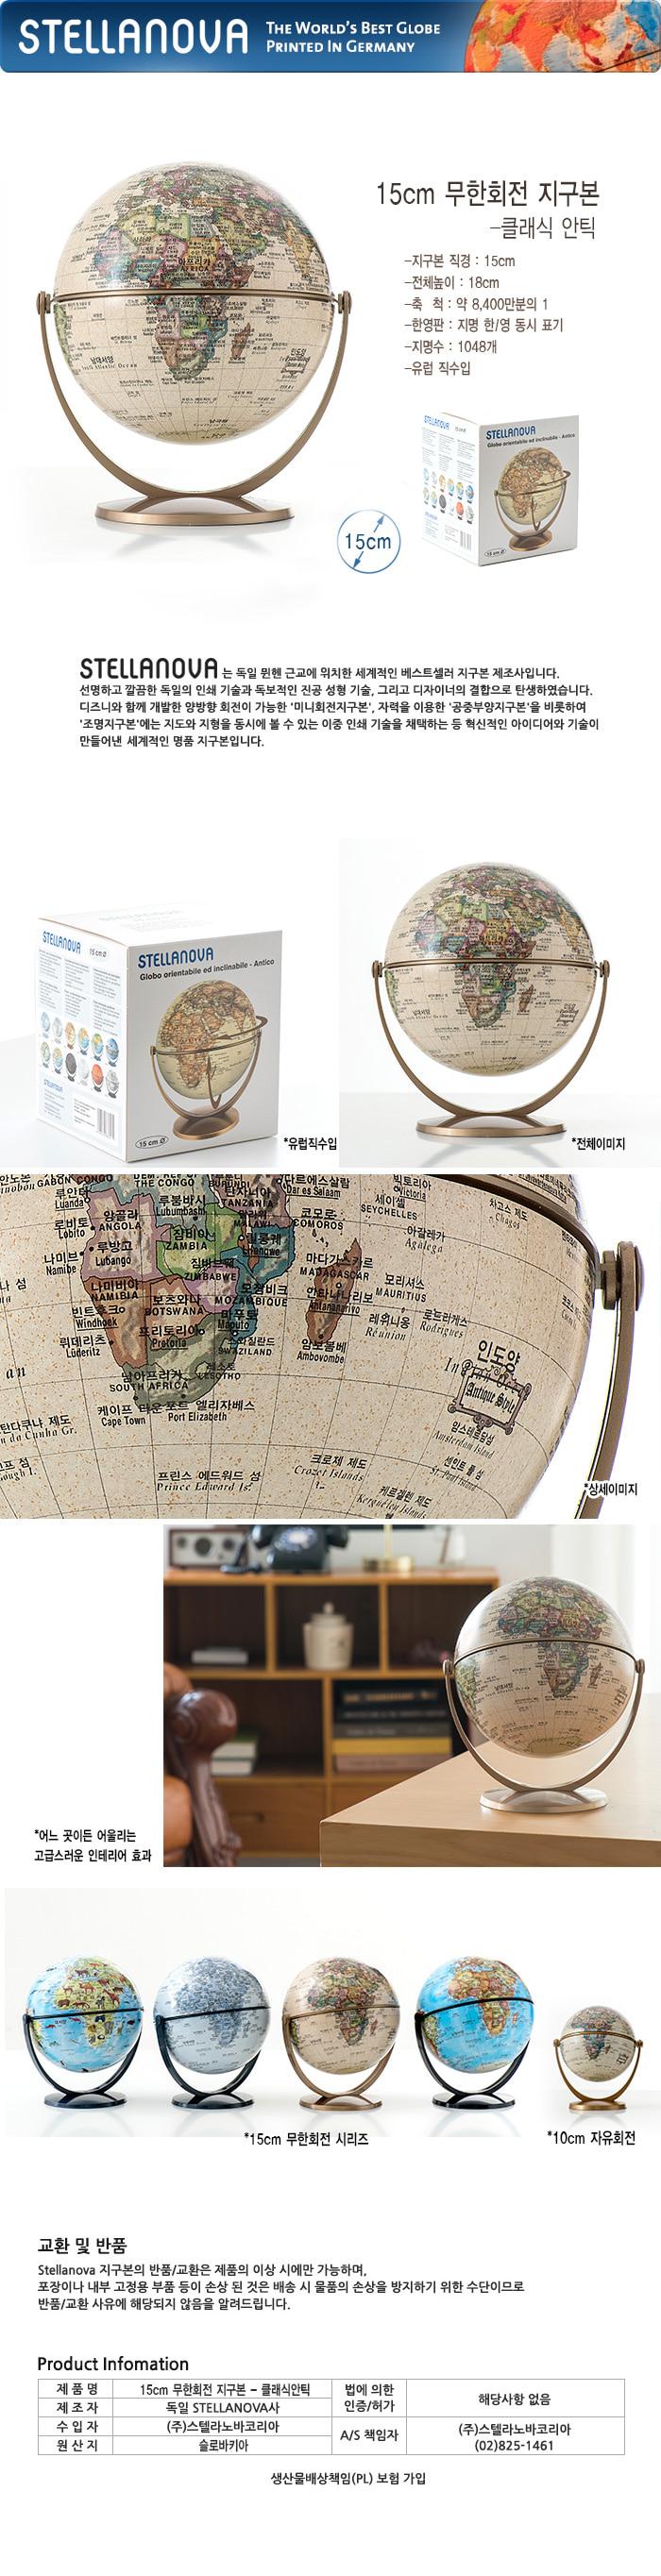 15cm 무한회전지구본 클래식 안틱(한영판) - 스틸라노바, 39,000원, 장식소품, 지구본